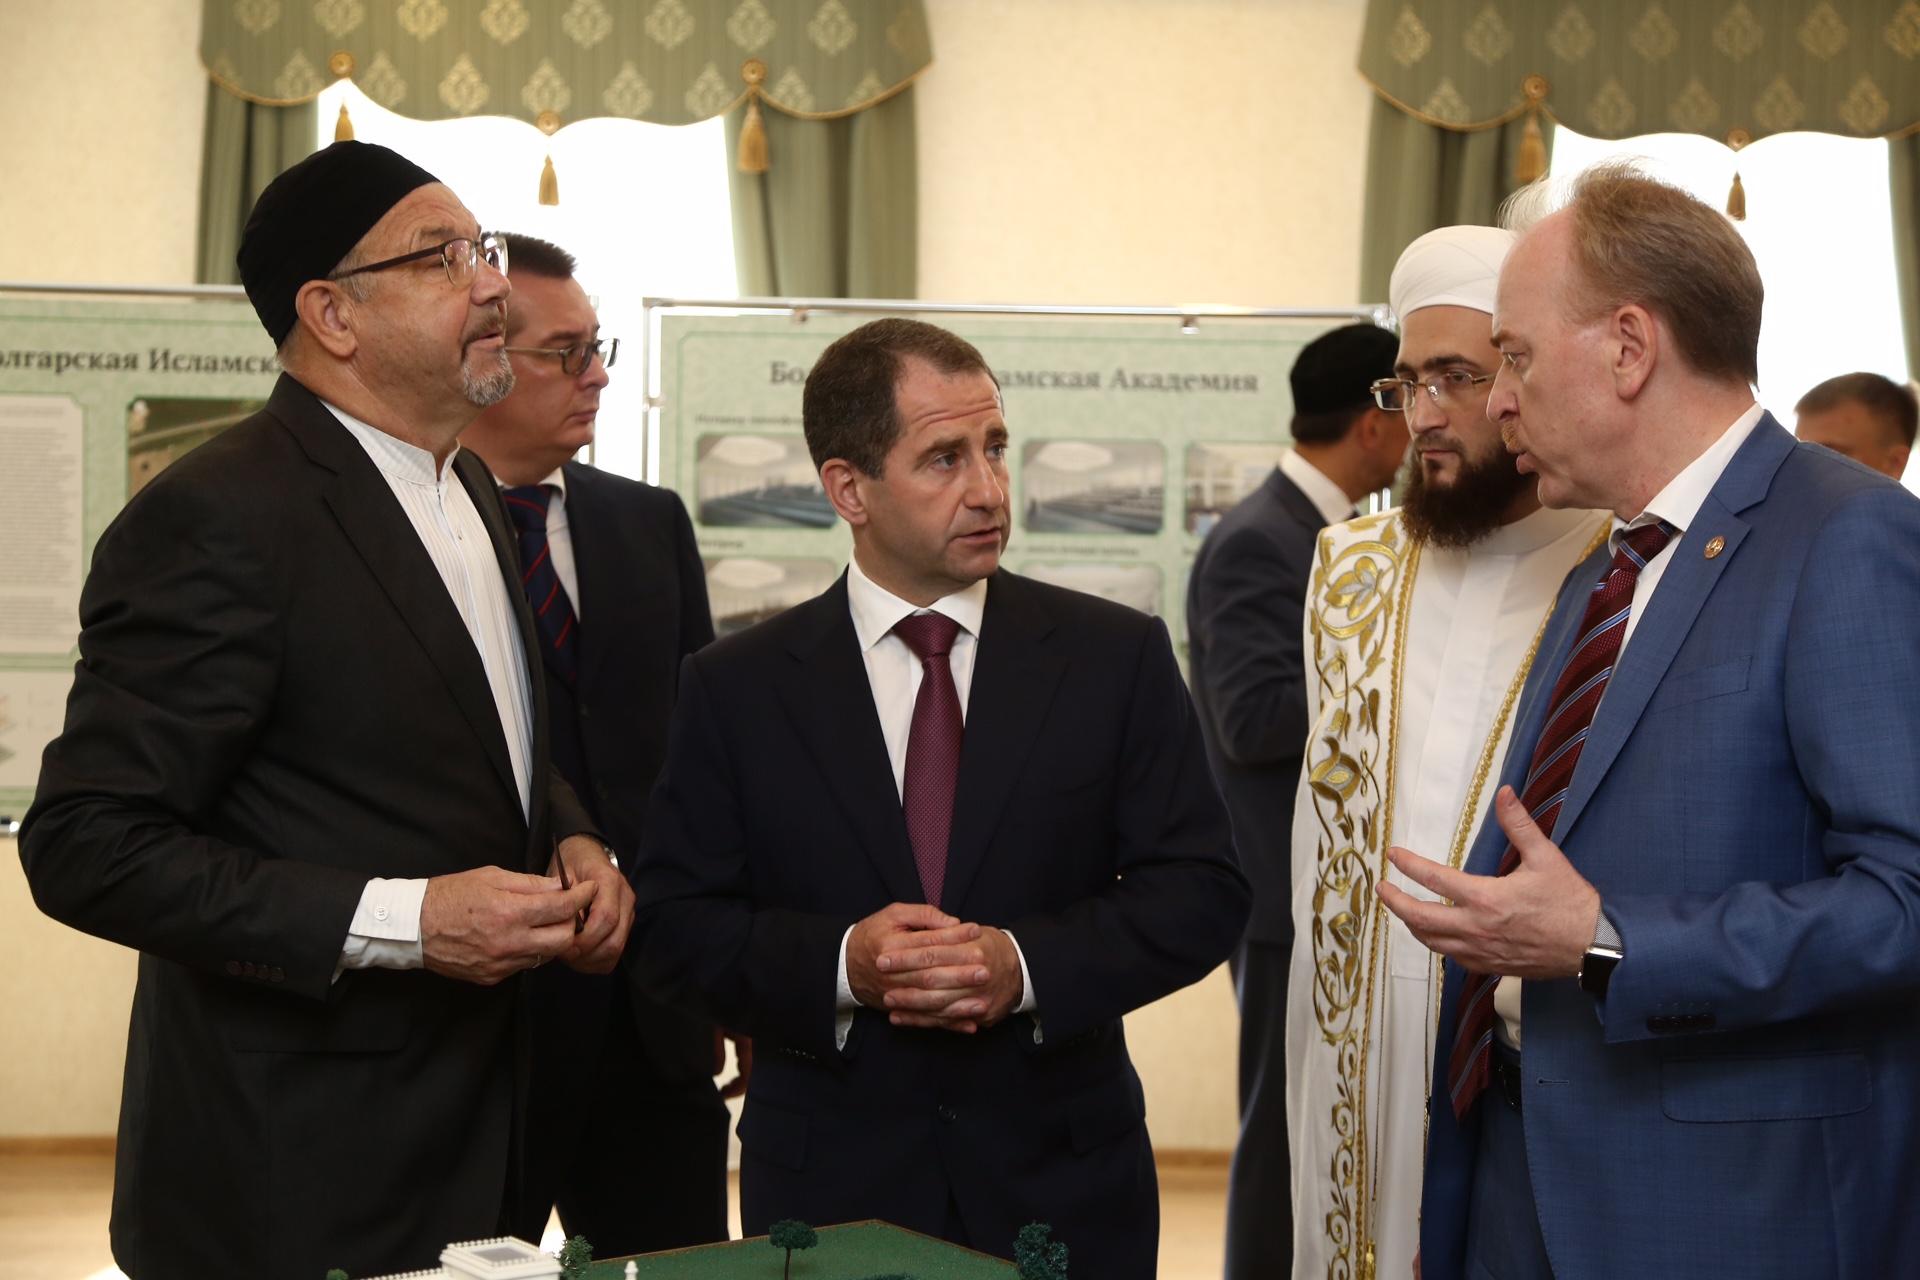 Бабич во время посещения исламской академии